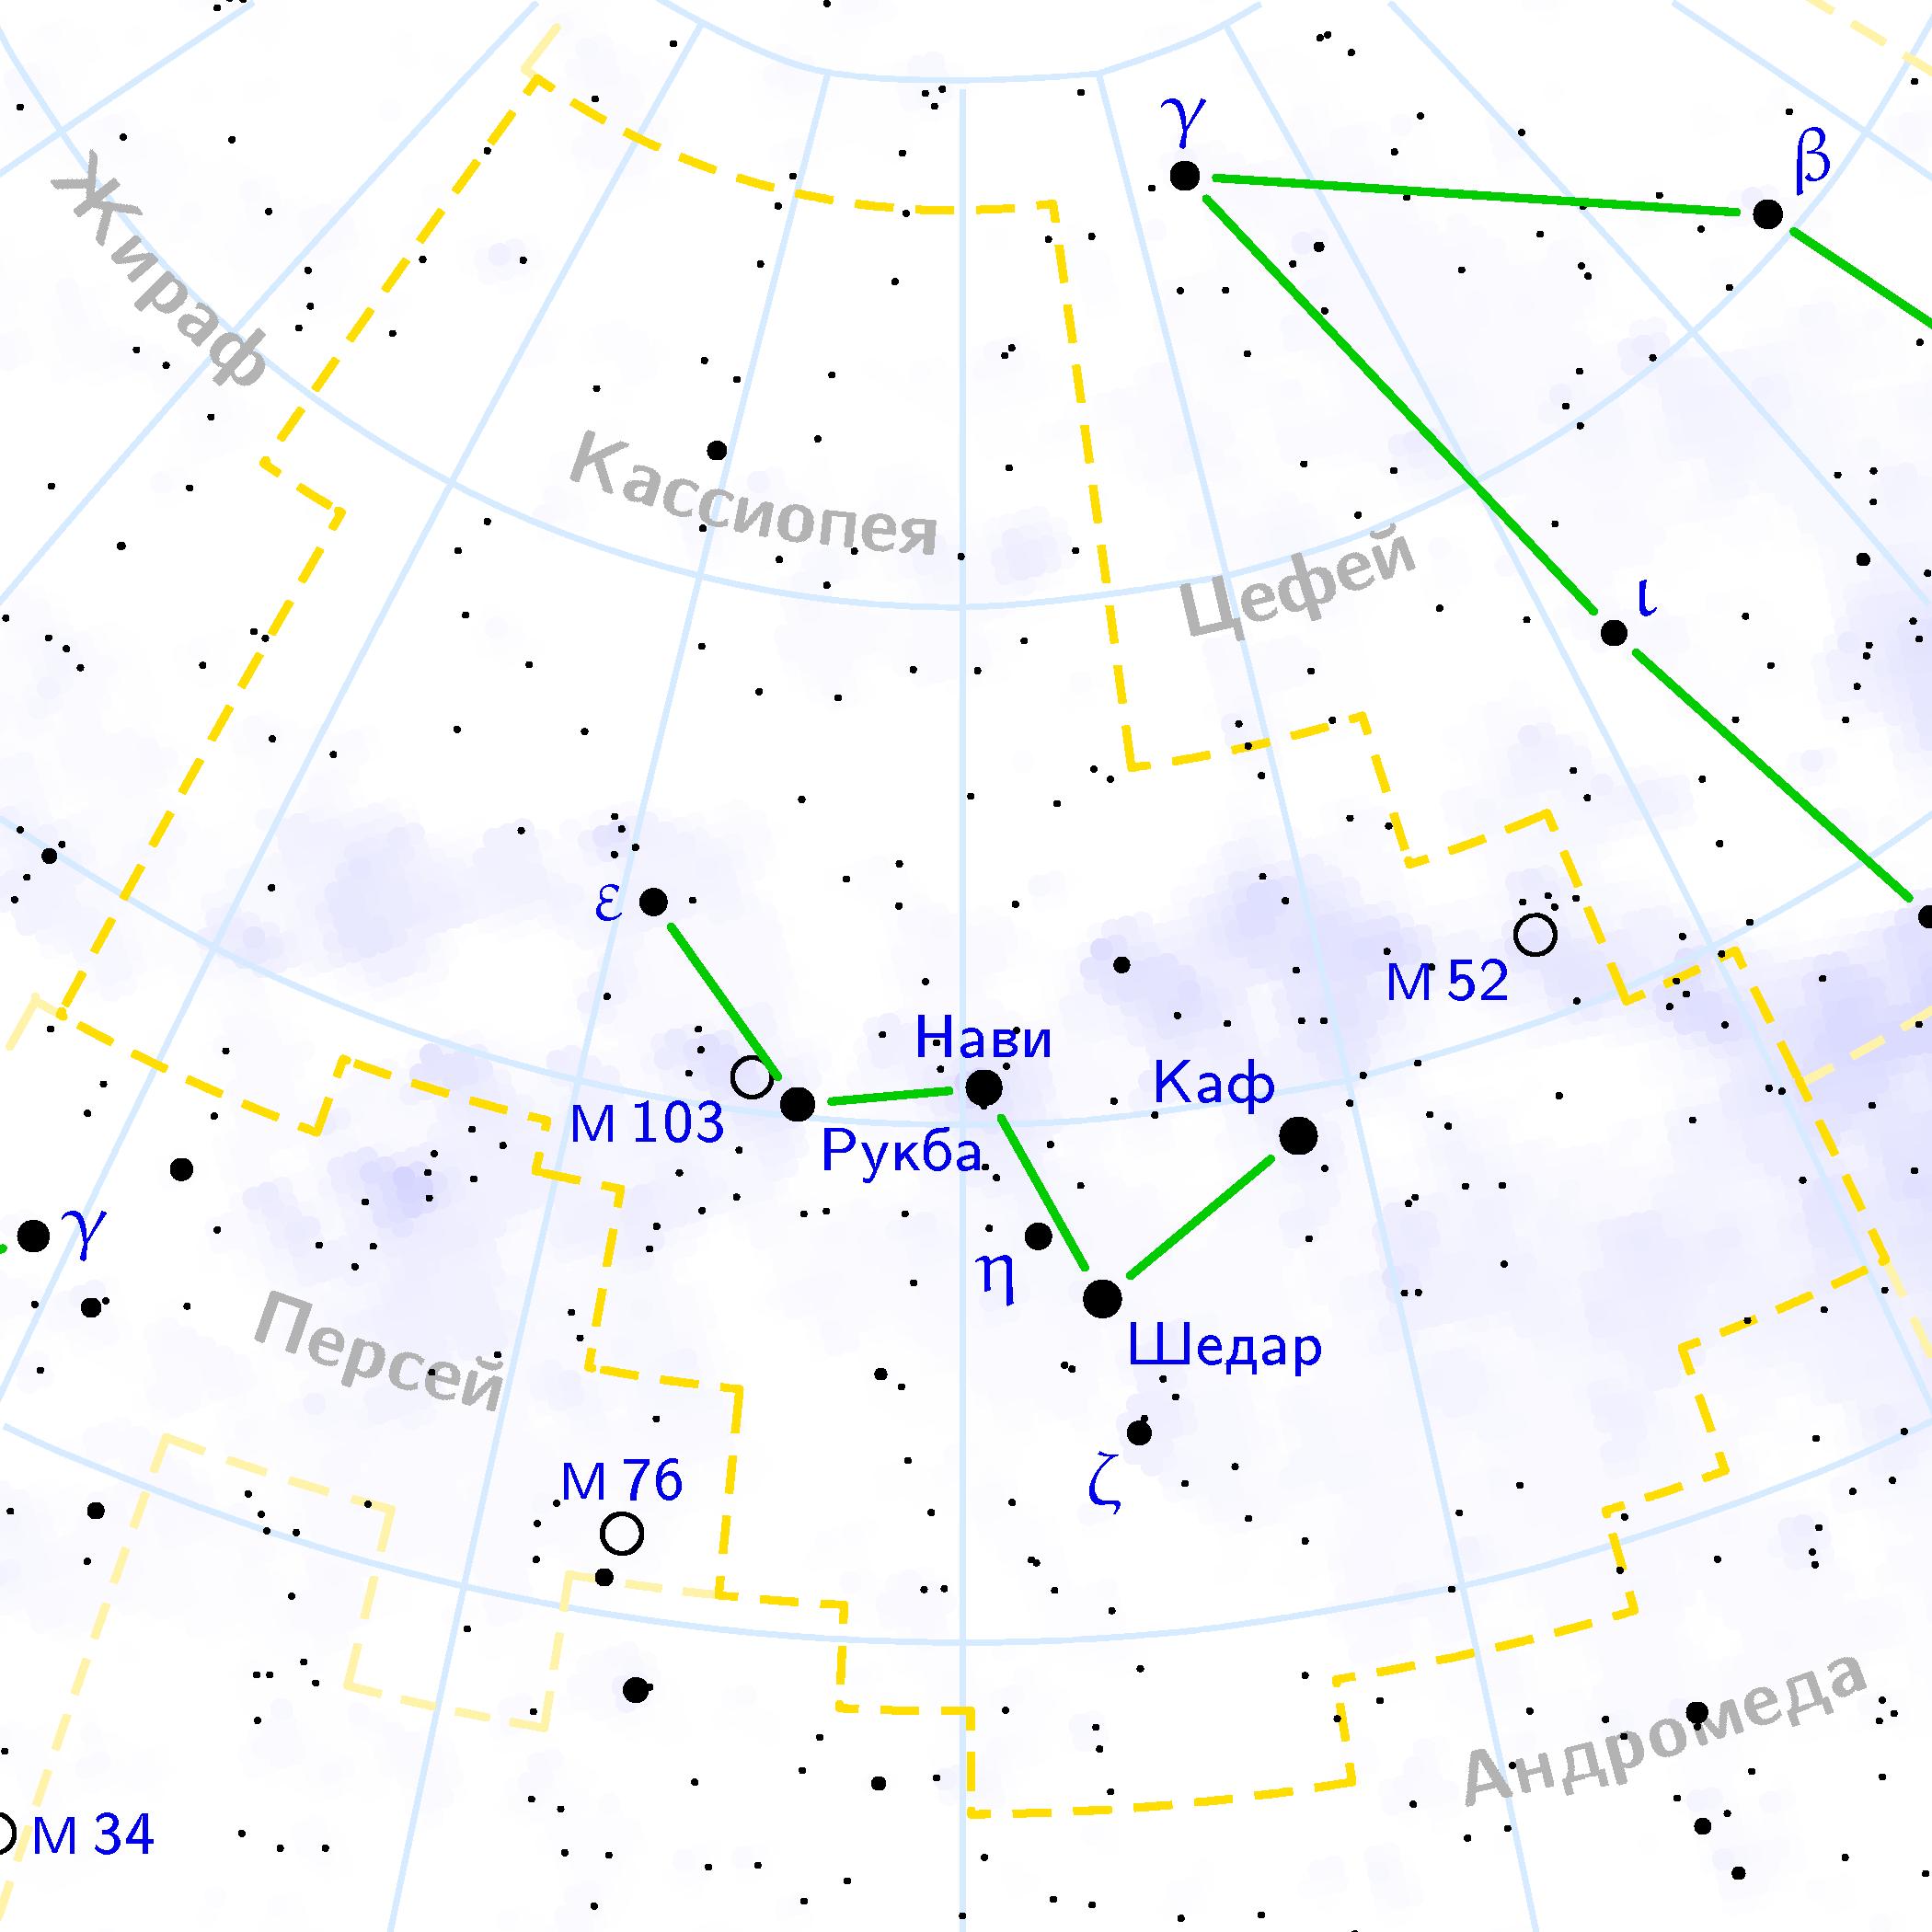 Реферат на тему созвездие кассиопея 3407